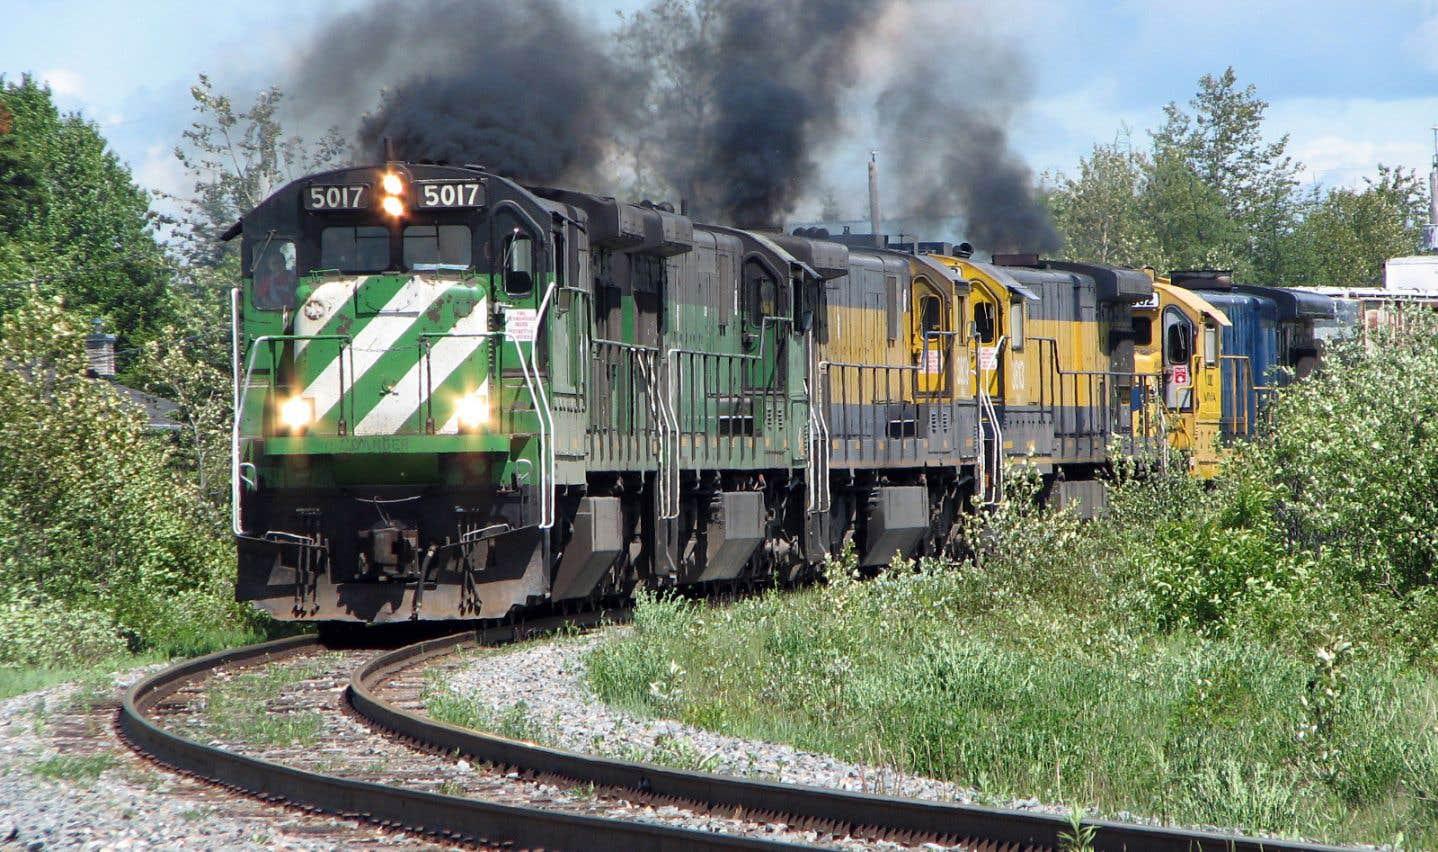 Les risques en ce qui concerne la pente, entre Nantes et Lac-Mégantic, où le train impliqué dans la tragédie s'est mis en branle, sont toujours présents.